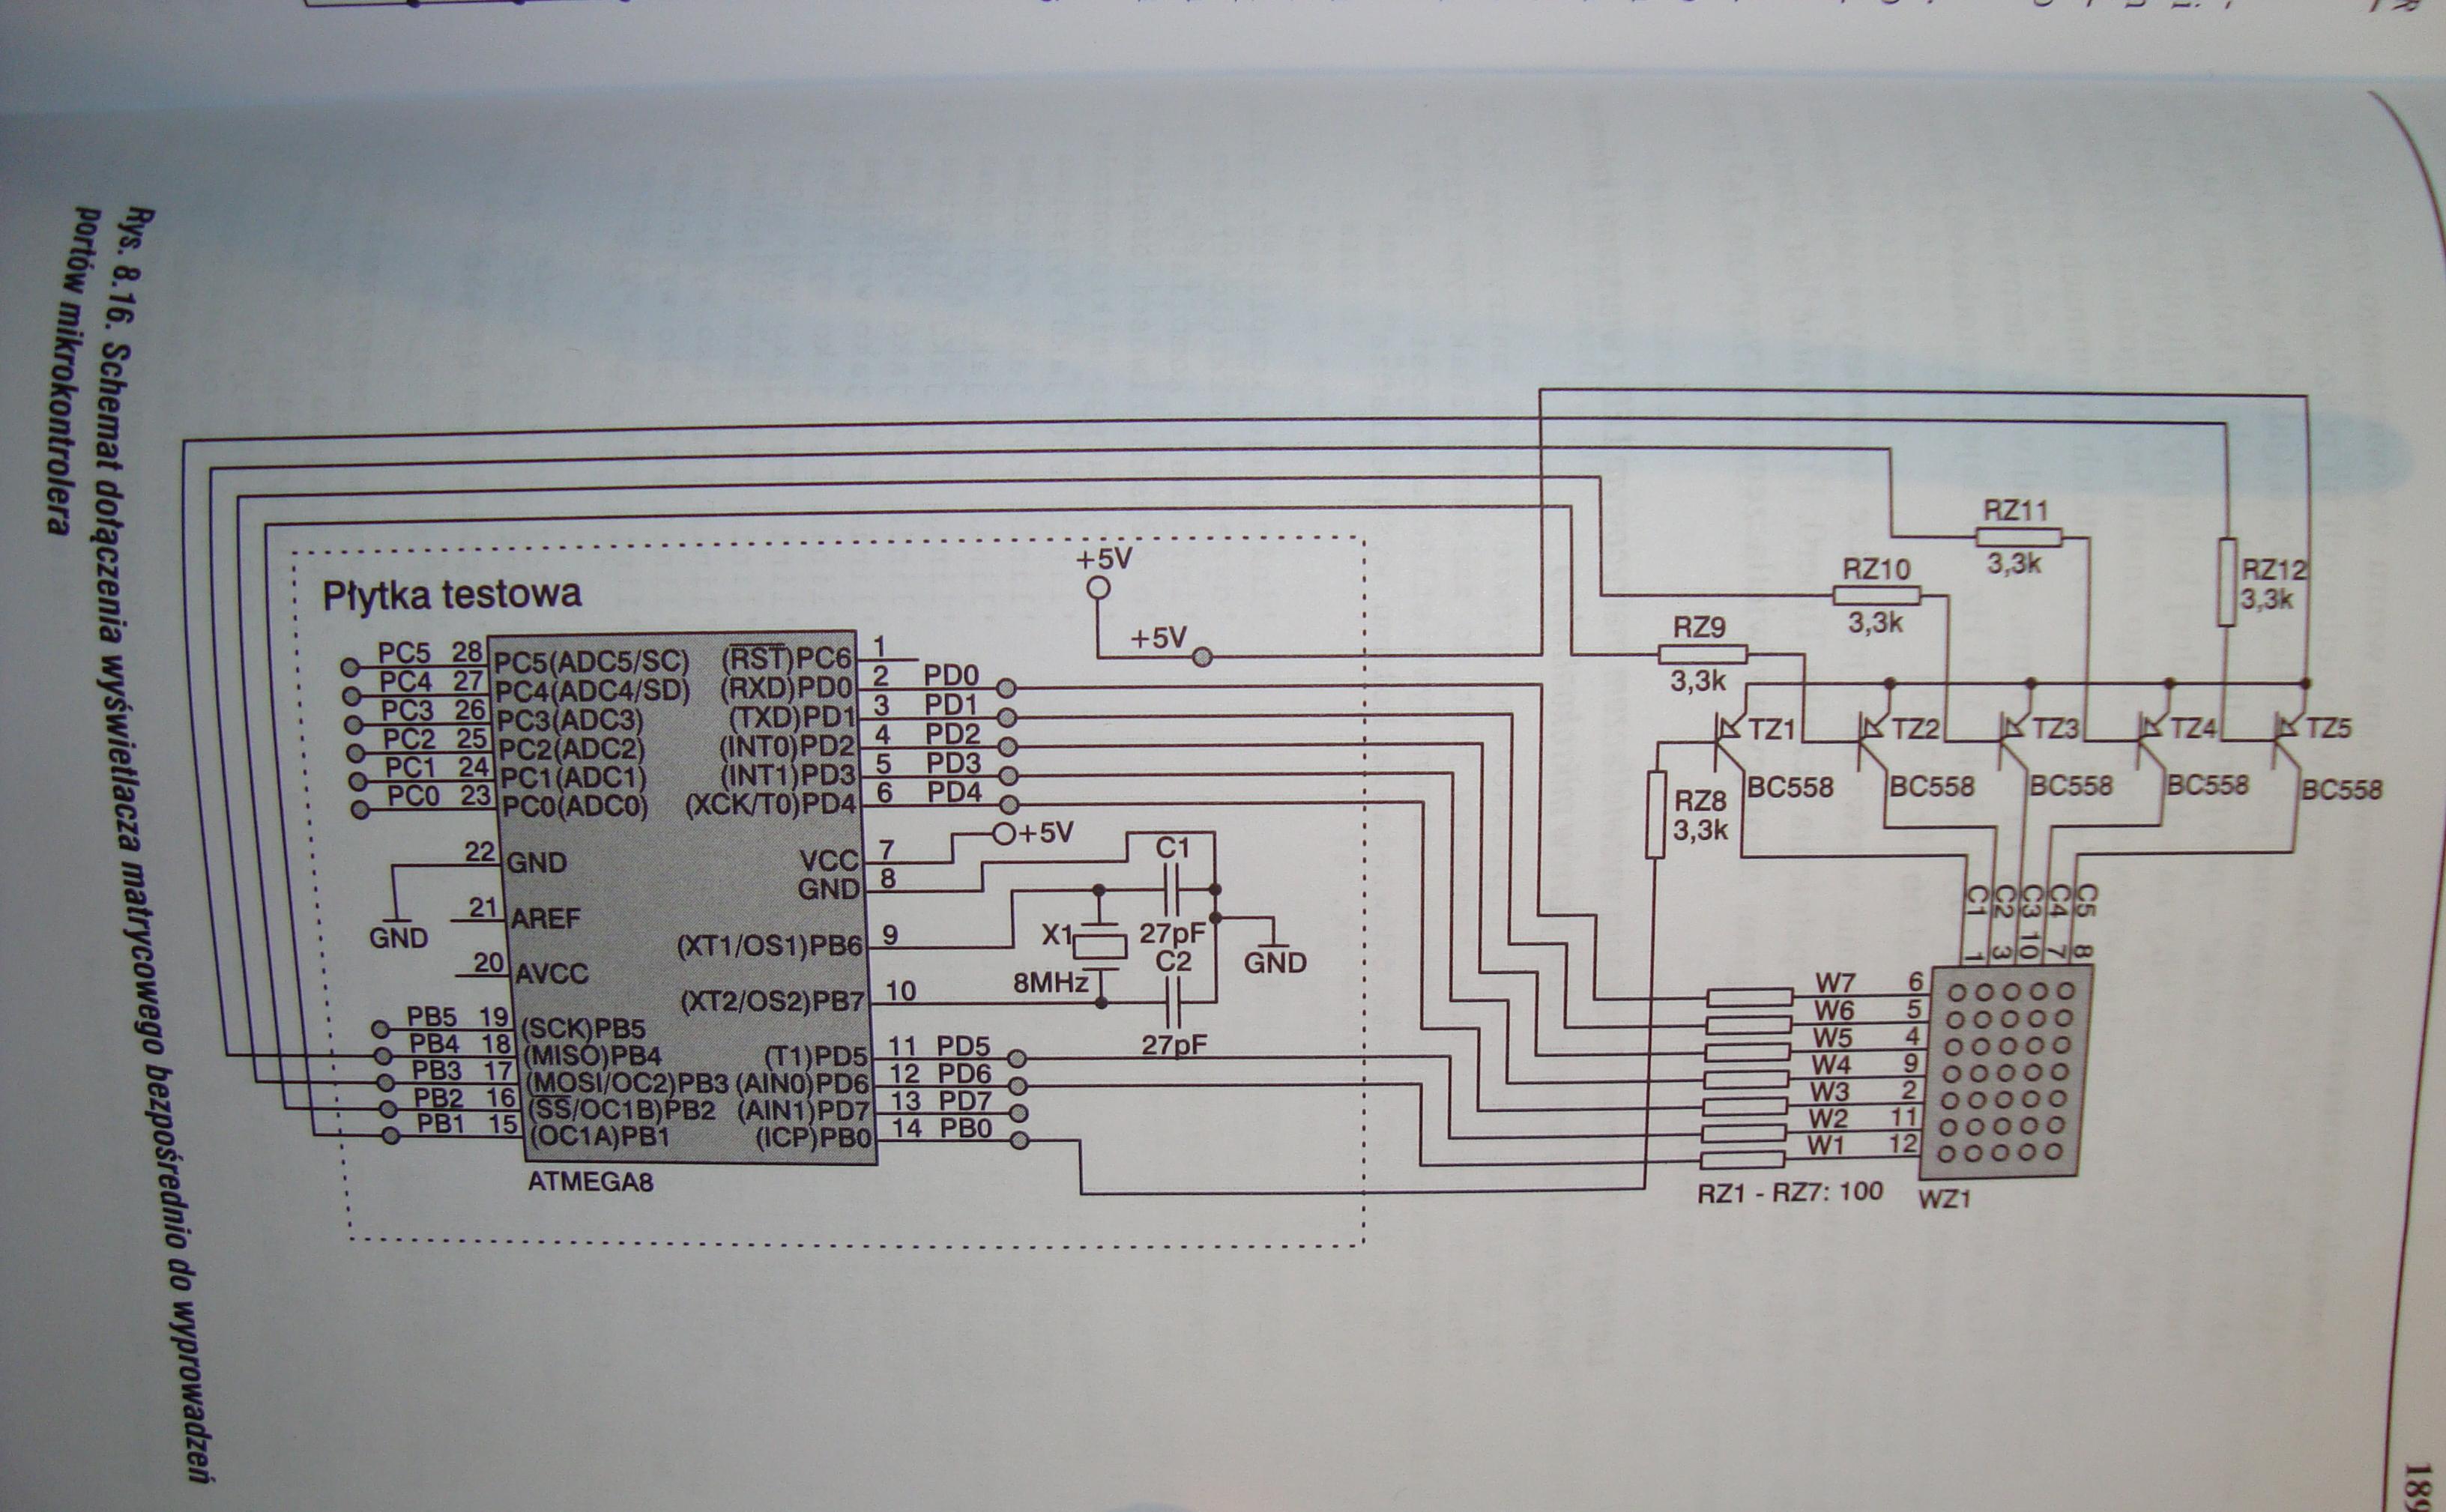 [Atmega32][Bascom]Sterowania multipleksowe wy�wietlaczami matrycowym 7x5 led